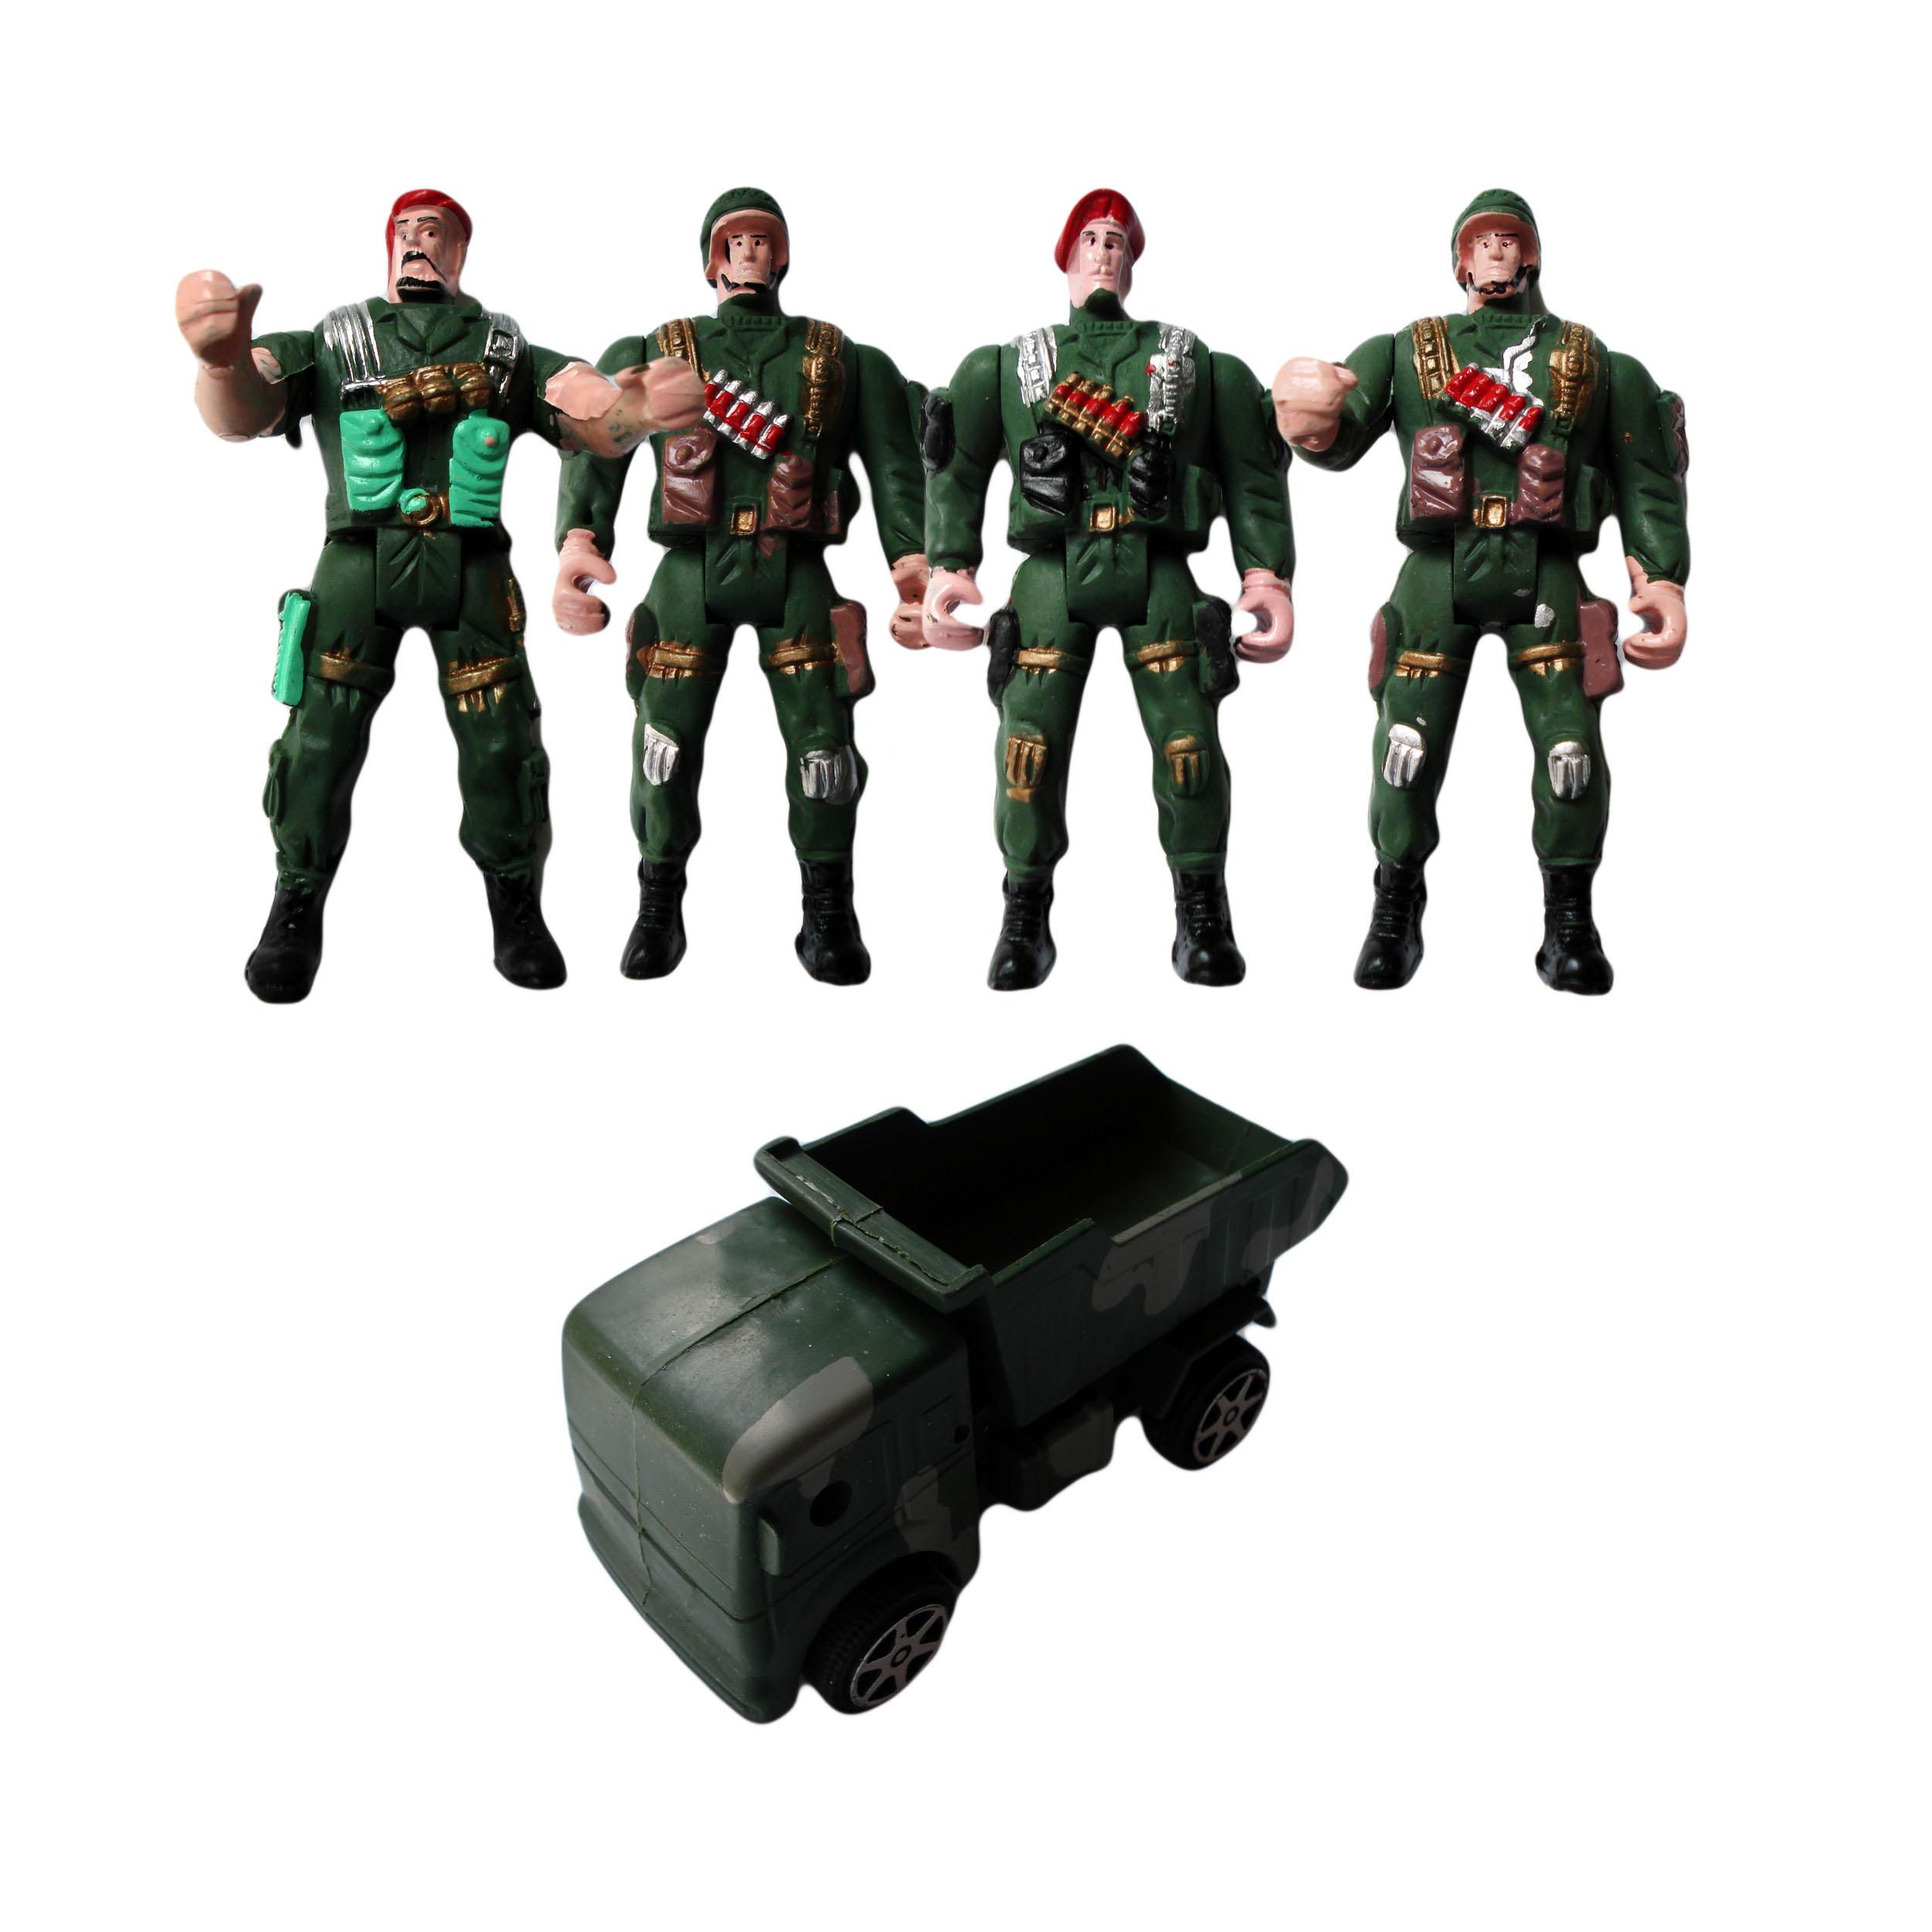 اسباب بازی جنگی مدل GP-90 مجموعه 5 عددی